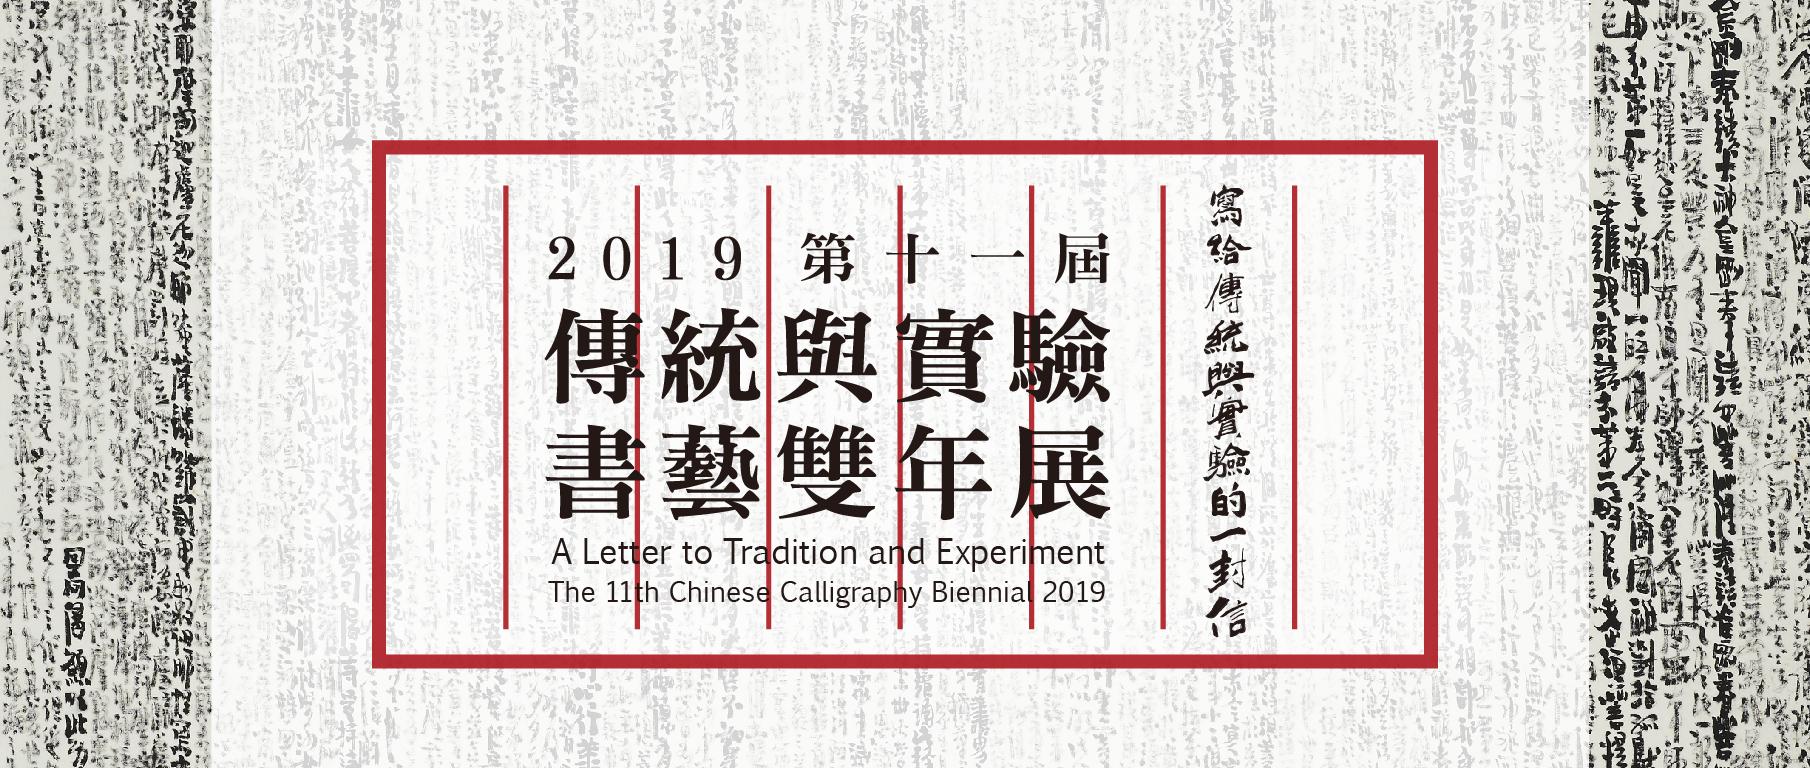 寫給傳統與實驗的一封信--2019第十一屆傳統與實驗書藝雙年展